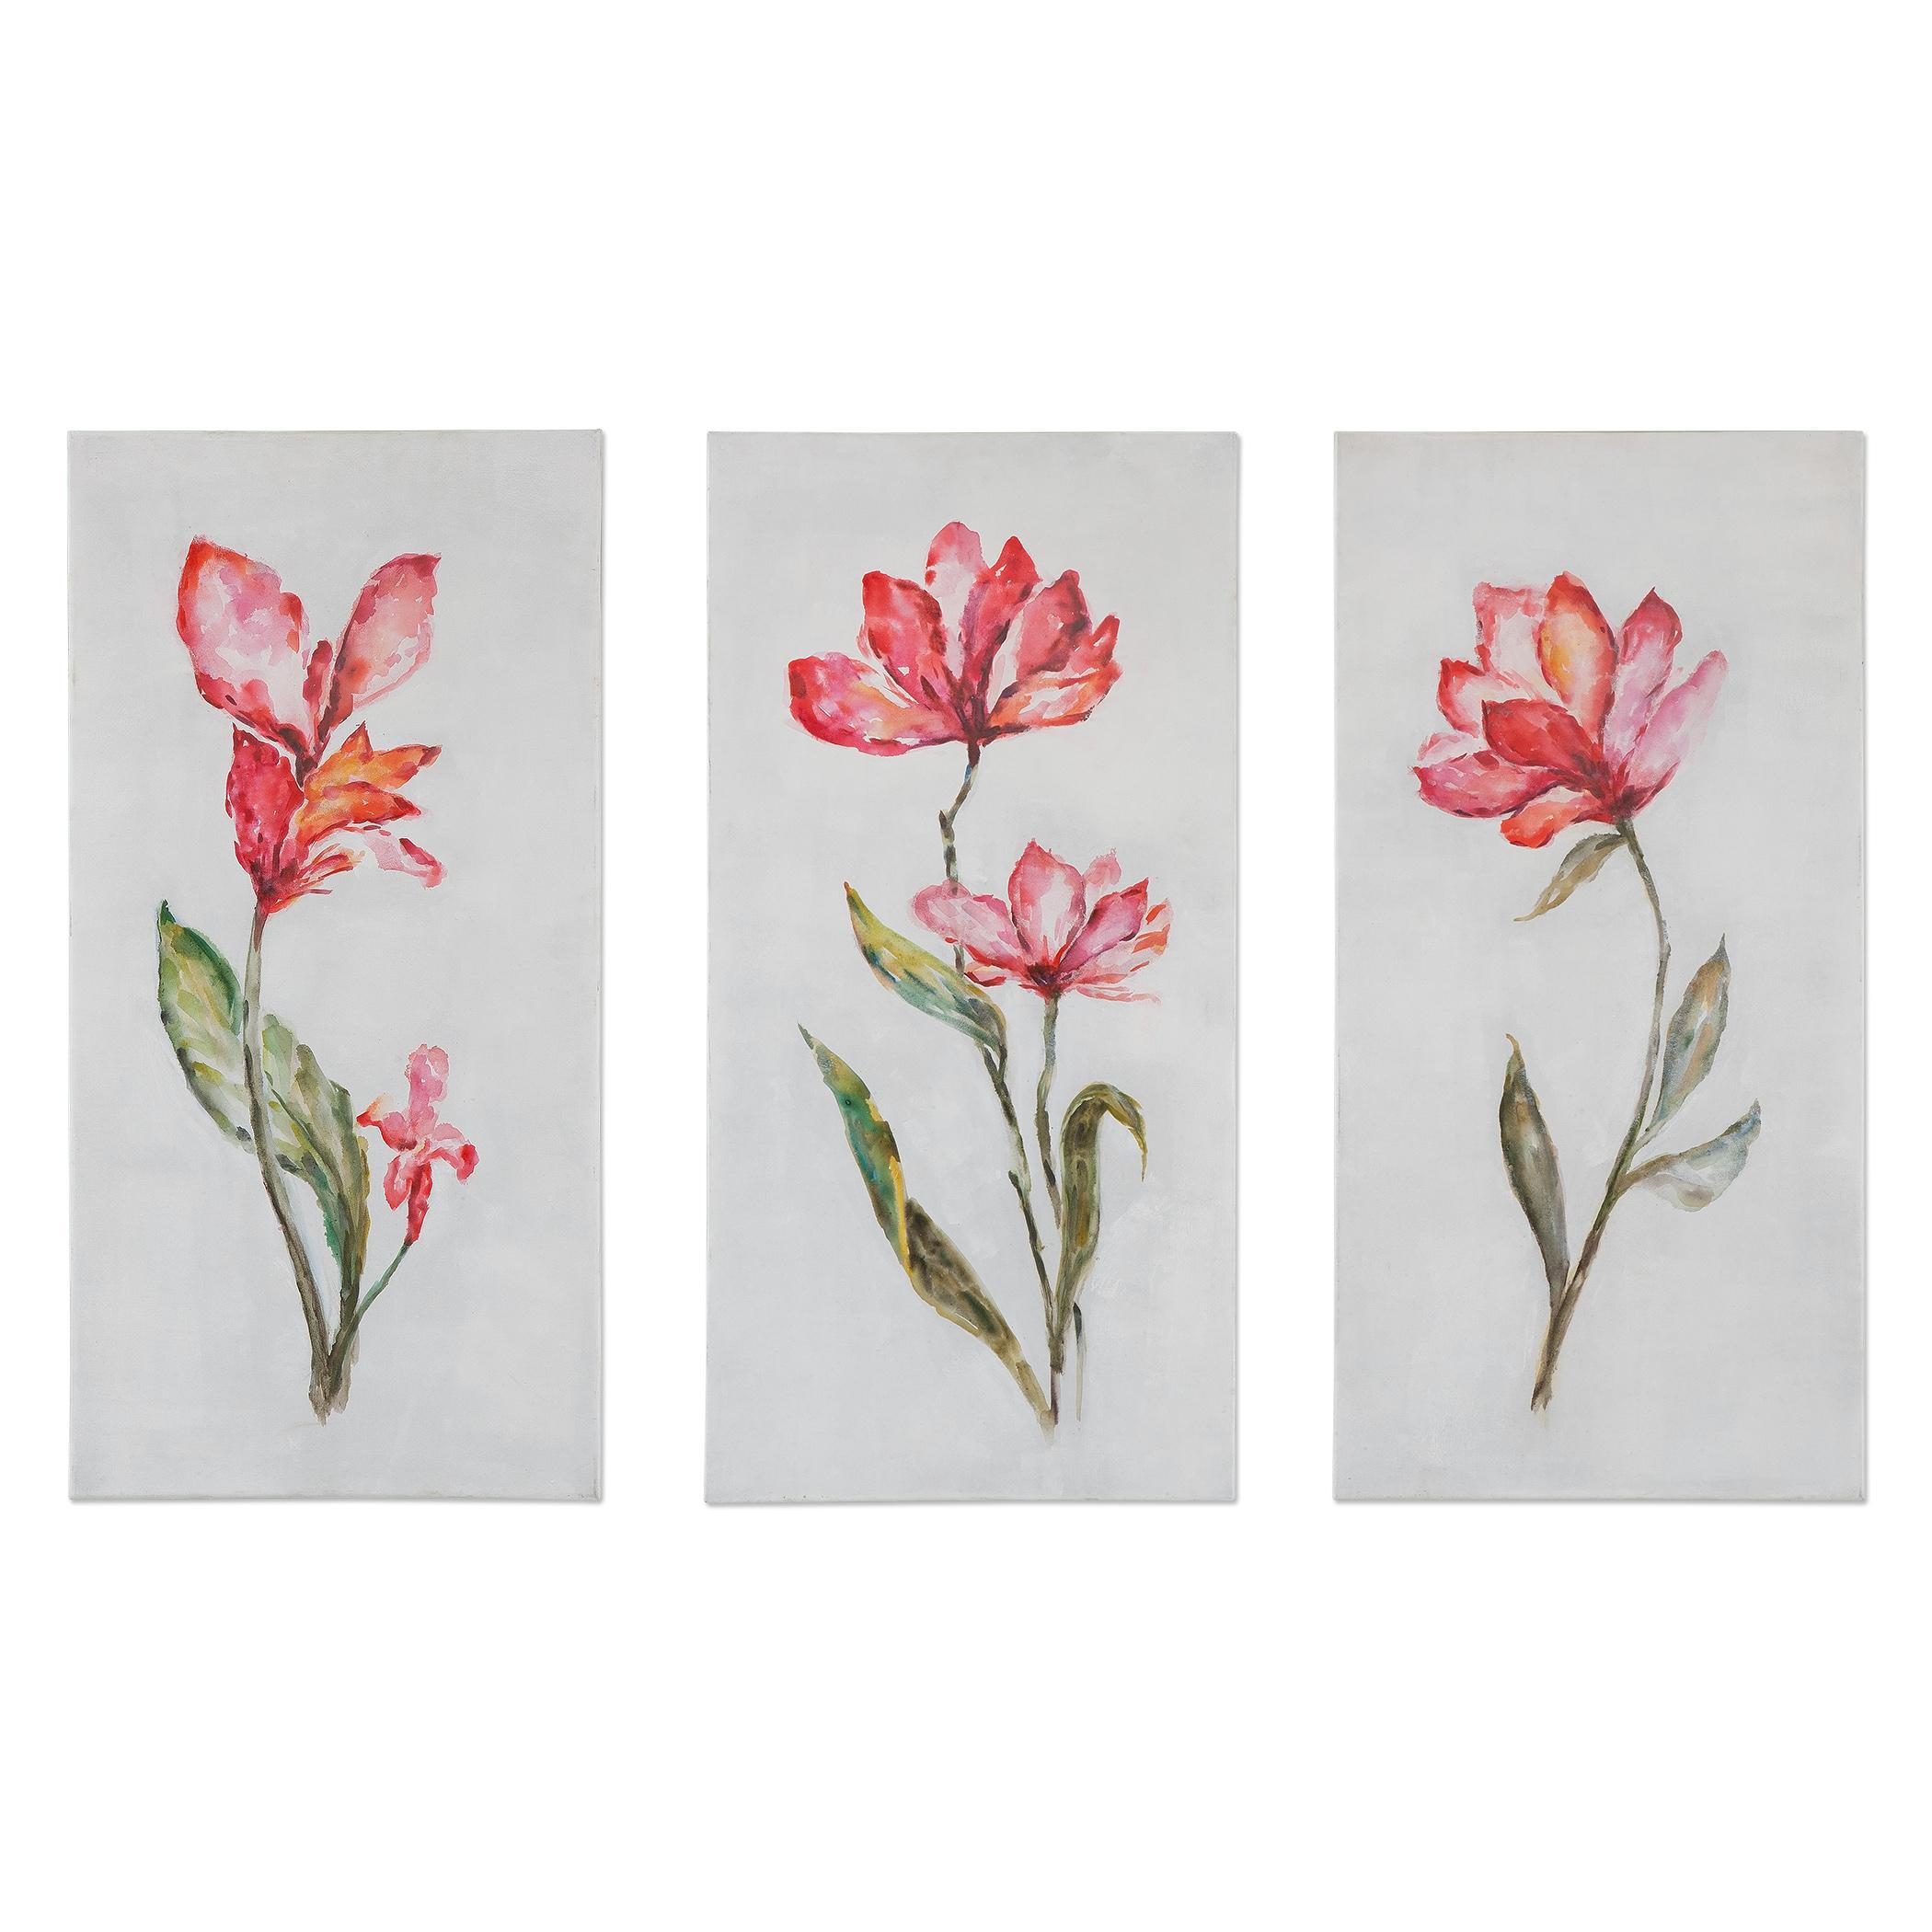 Uttermost Art Springtime Promise Floral Art, S/3 - Item Number: 35331